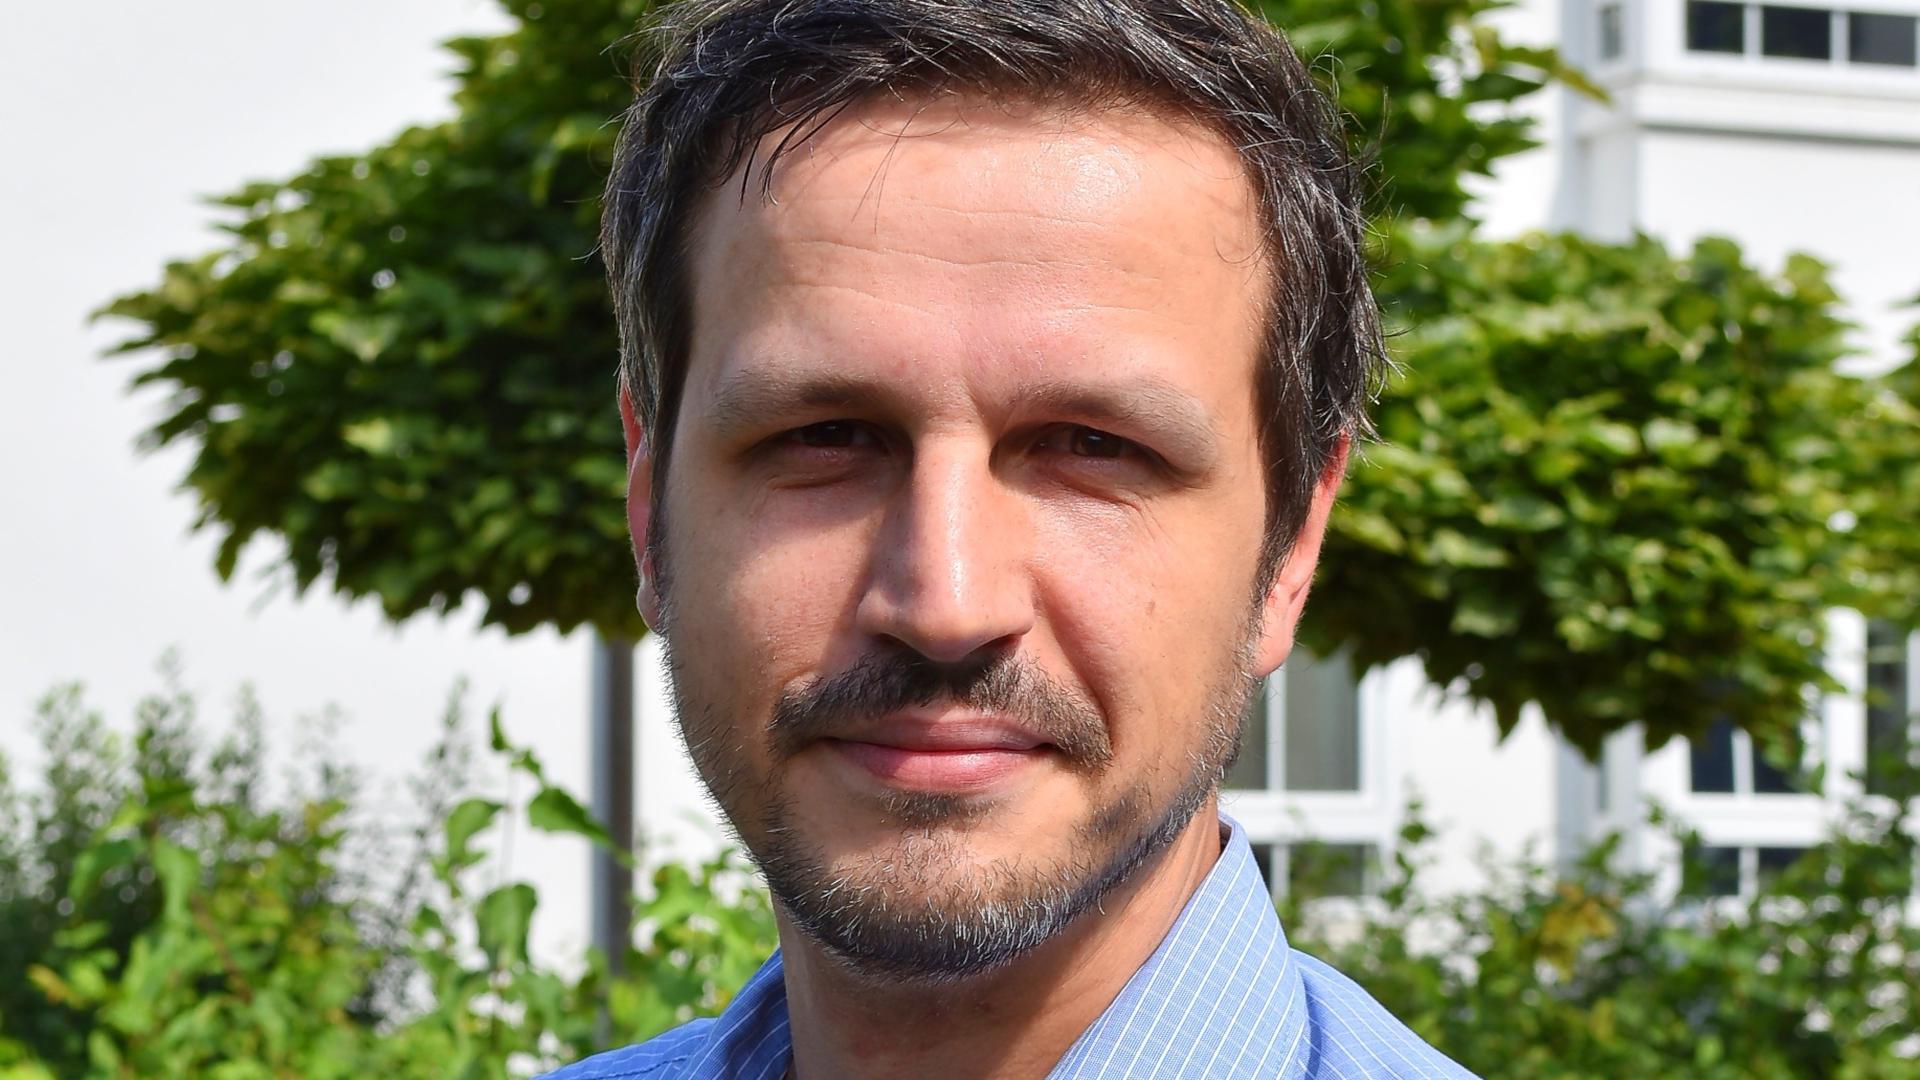 Mann mit Bart vor weißem Haus